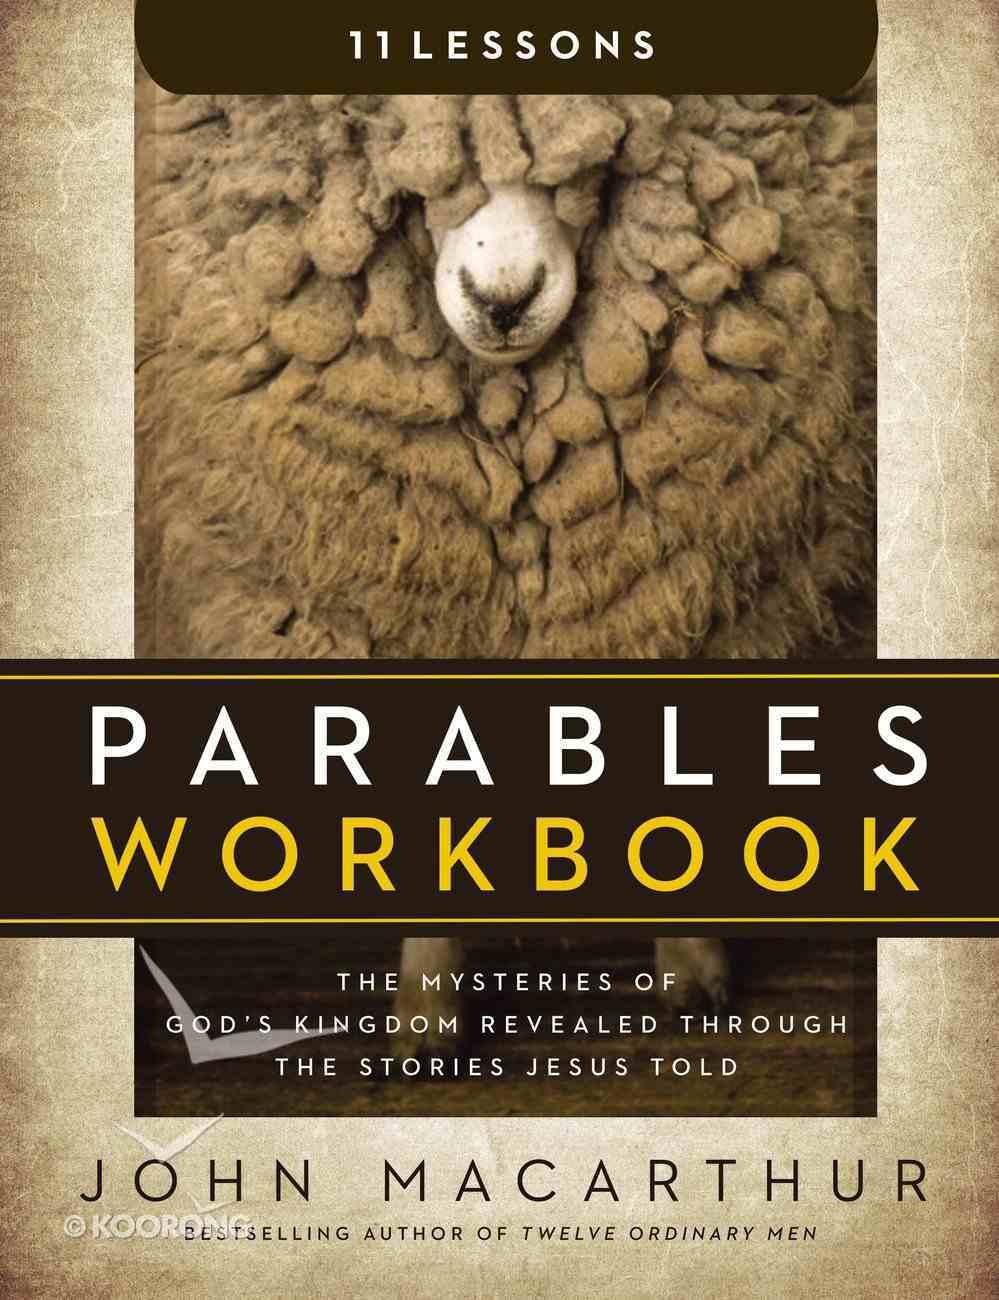 Parables (Workbook) Paperback